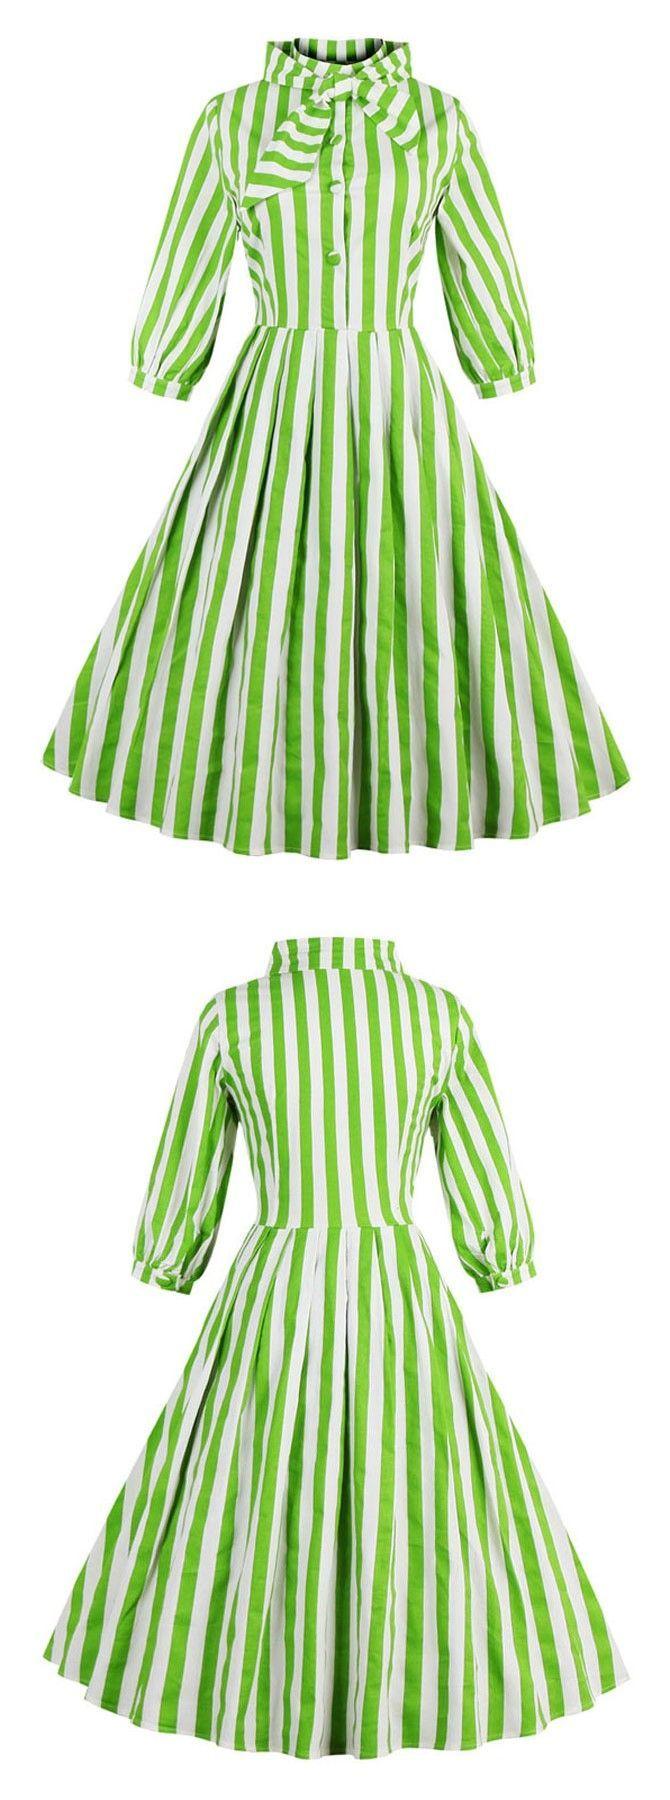 High neck vintage dress s vintage dress short vintage dress